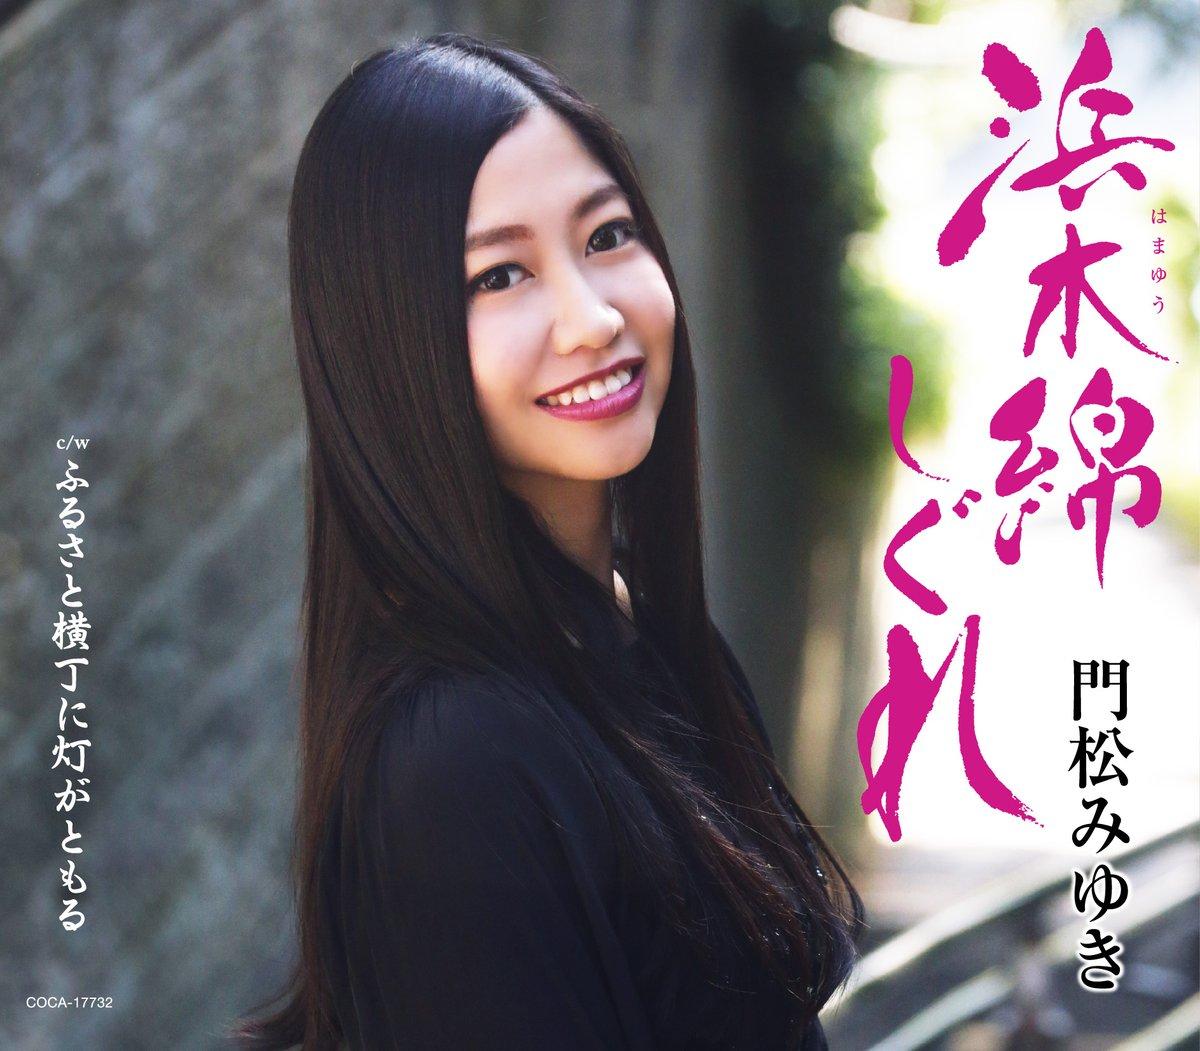 平塚三嶋神社「新春えびすまつり」で福娘として参加!ステージで新曲「浜木綿(はまゆう)しぐれ」を披露